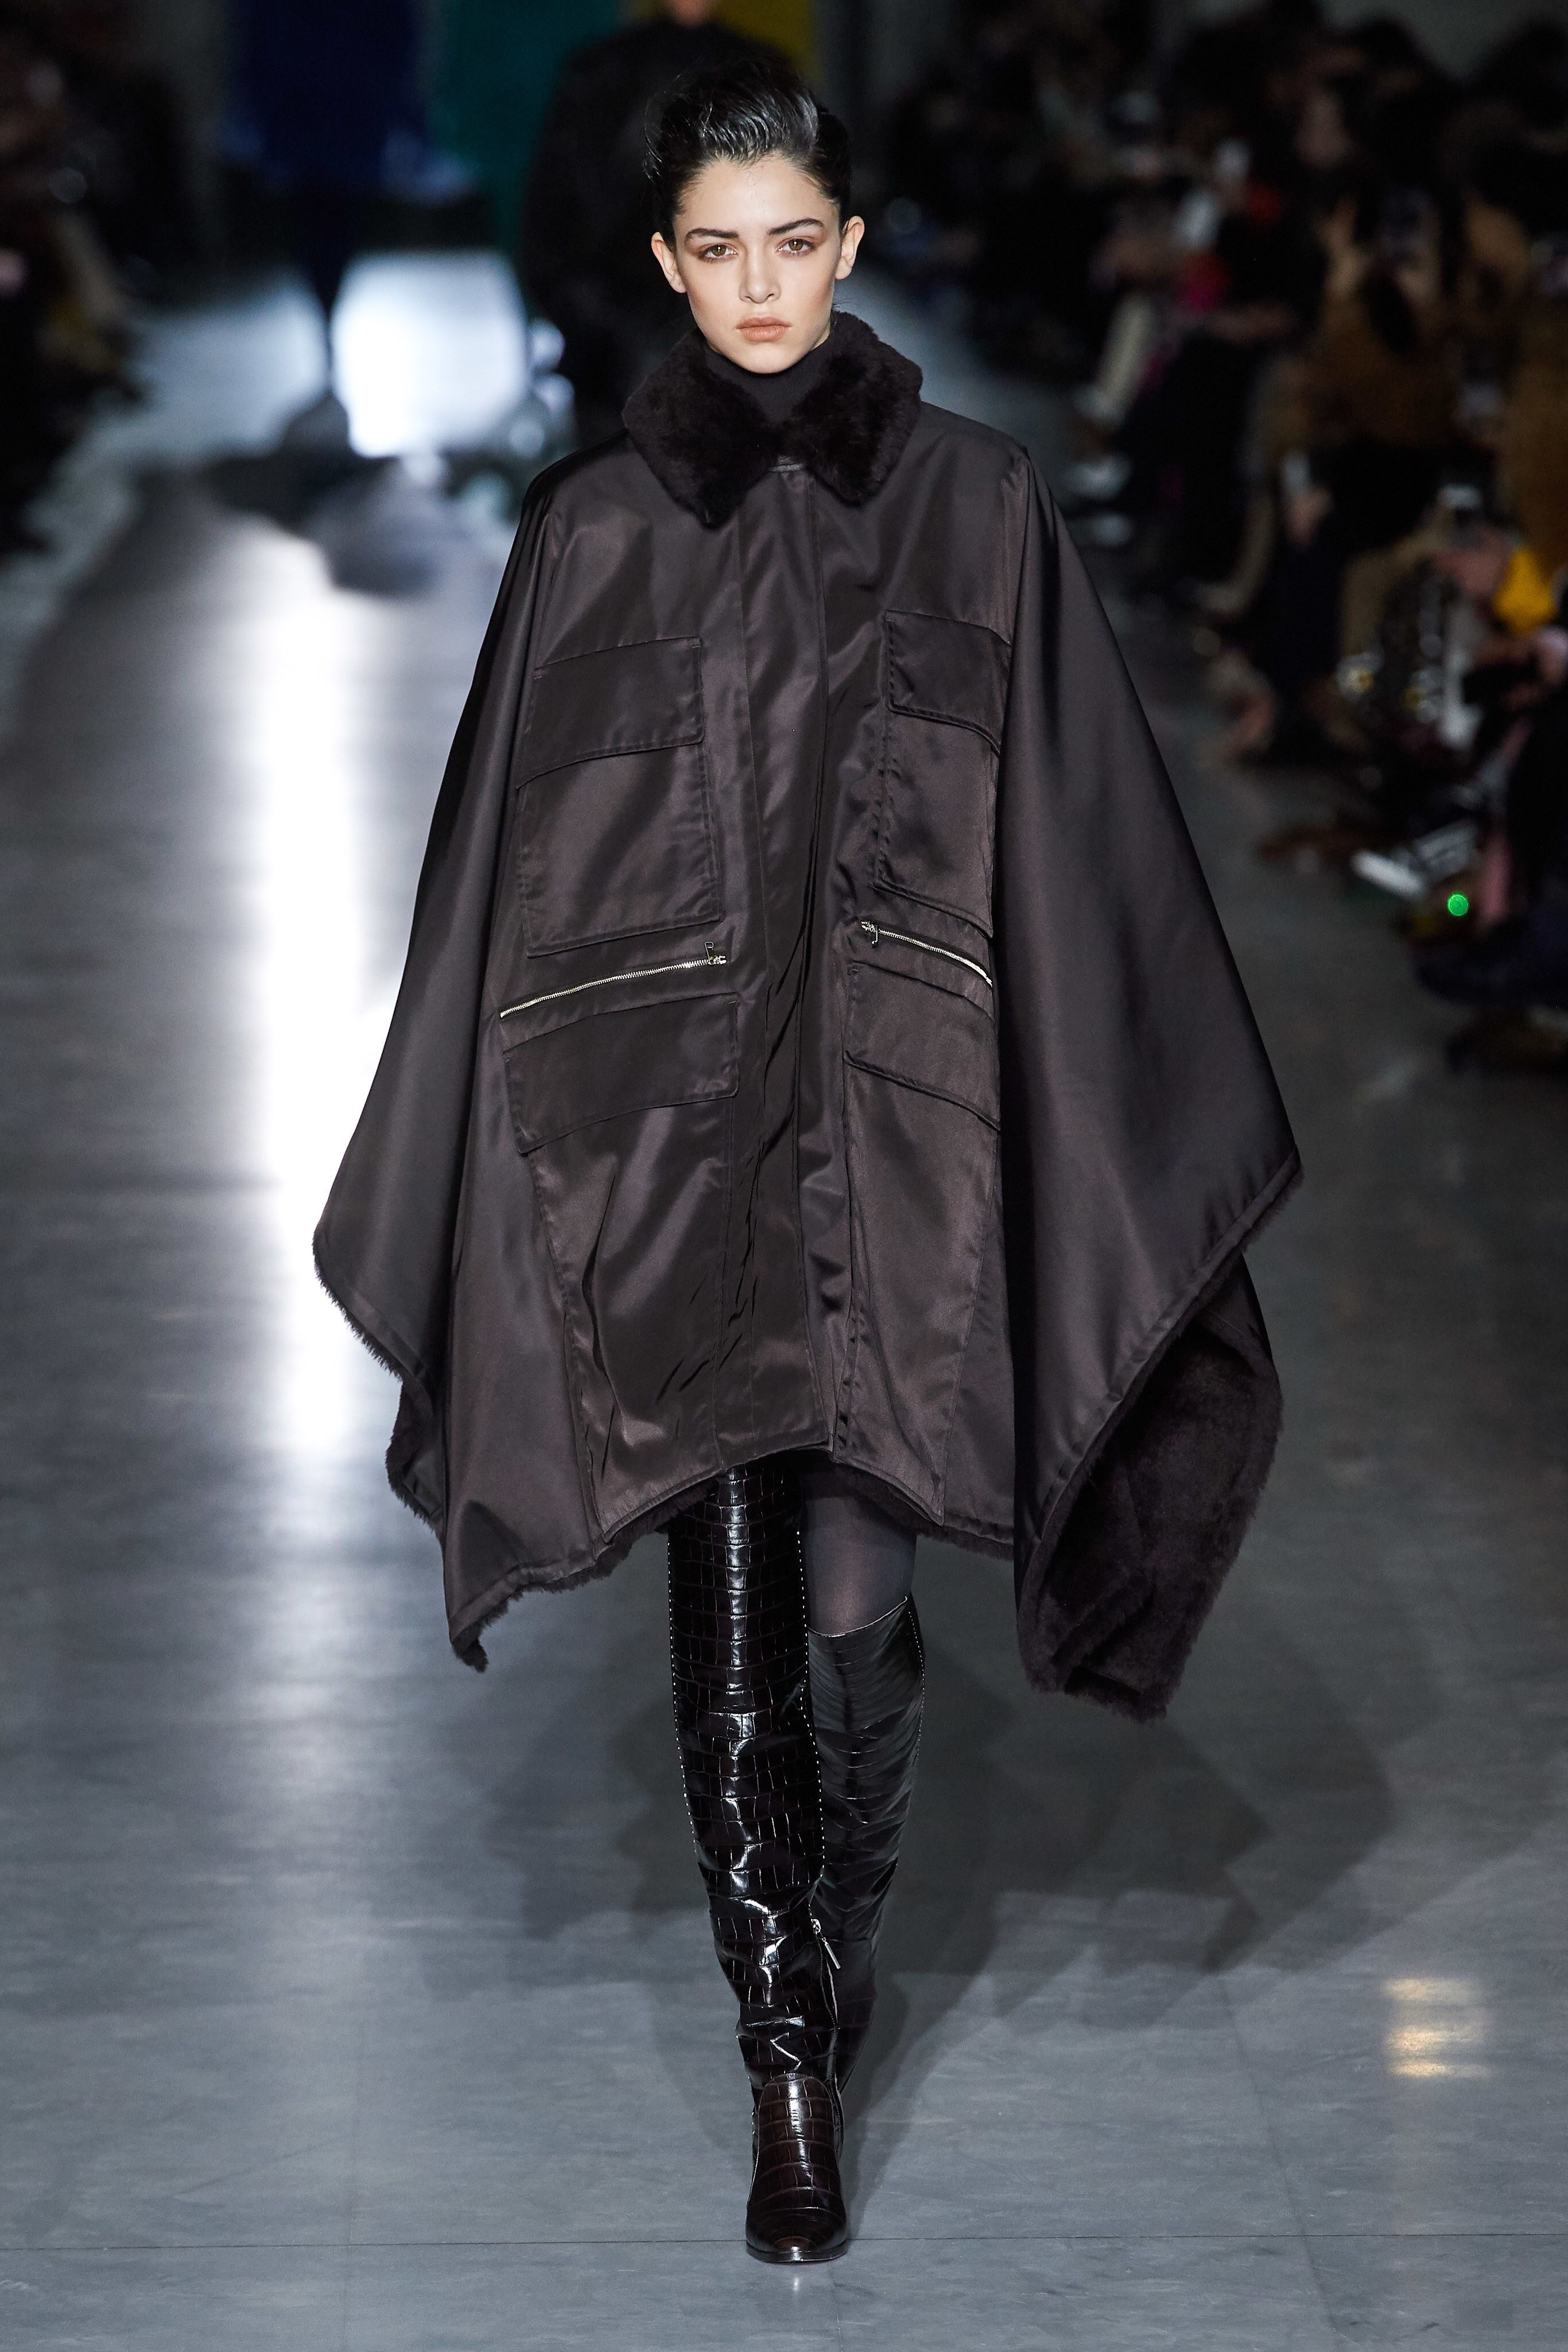 Pin by Shalini Prasad on FW Fashion, Fashion week, Ready